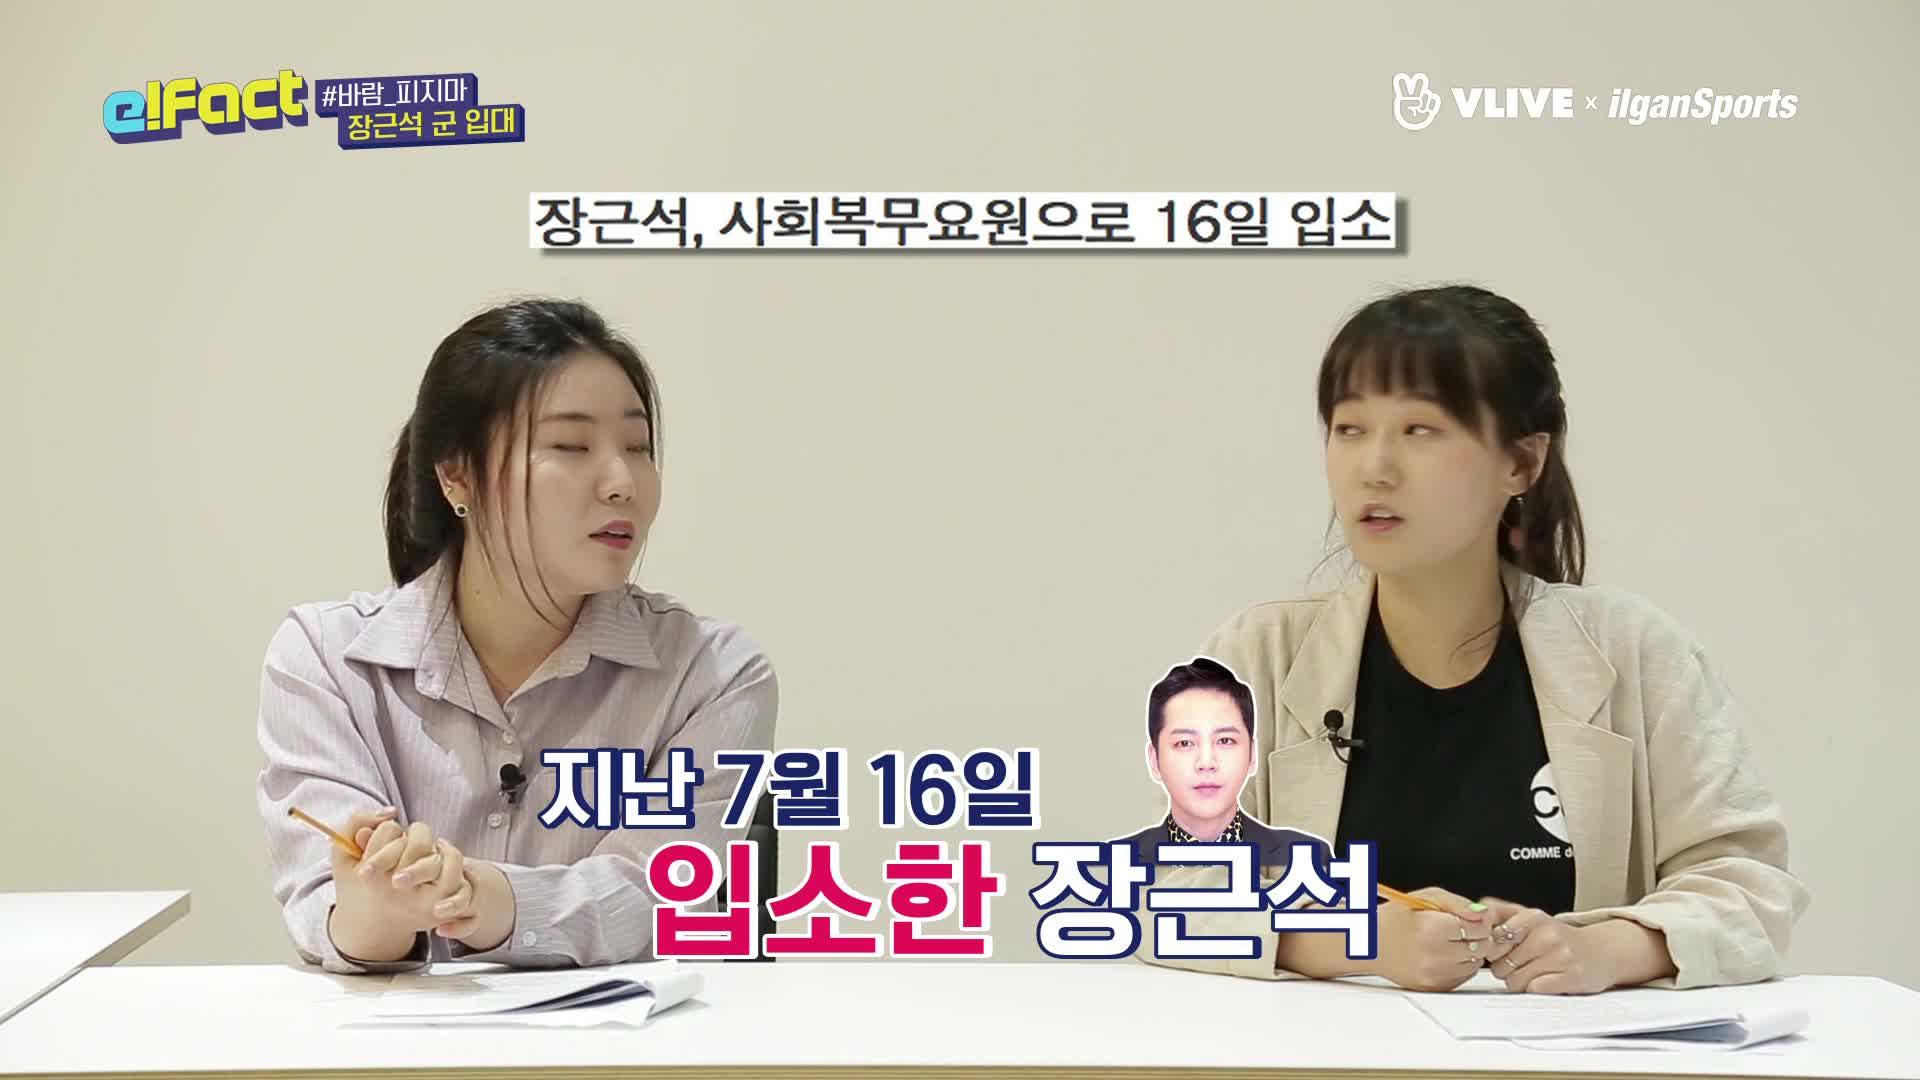 [e!Fact/K★#ISSUE5] 강동원 한효주 미국서 비밀 연애? 과연 찌라시의 정체는